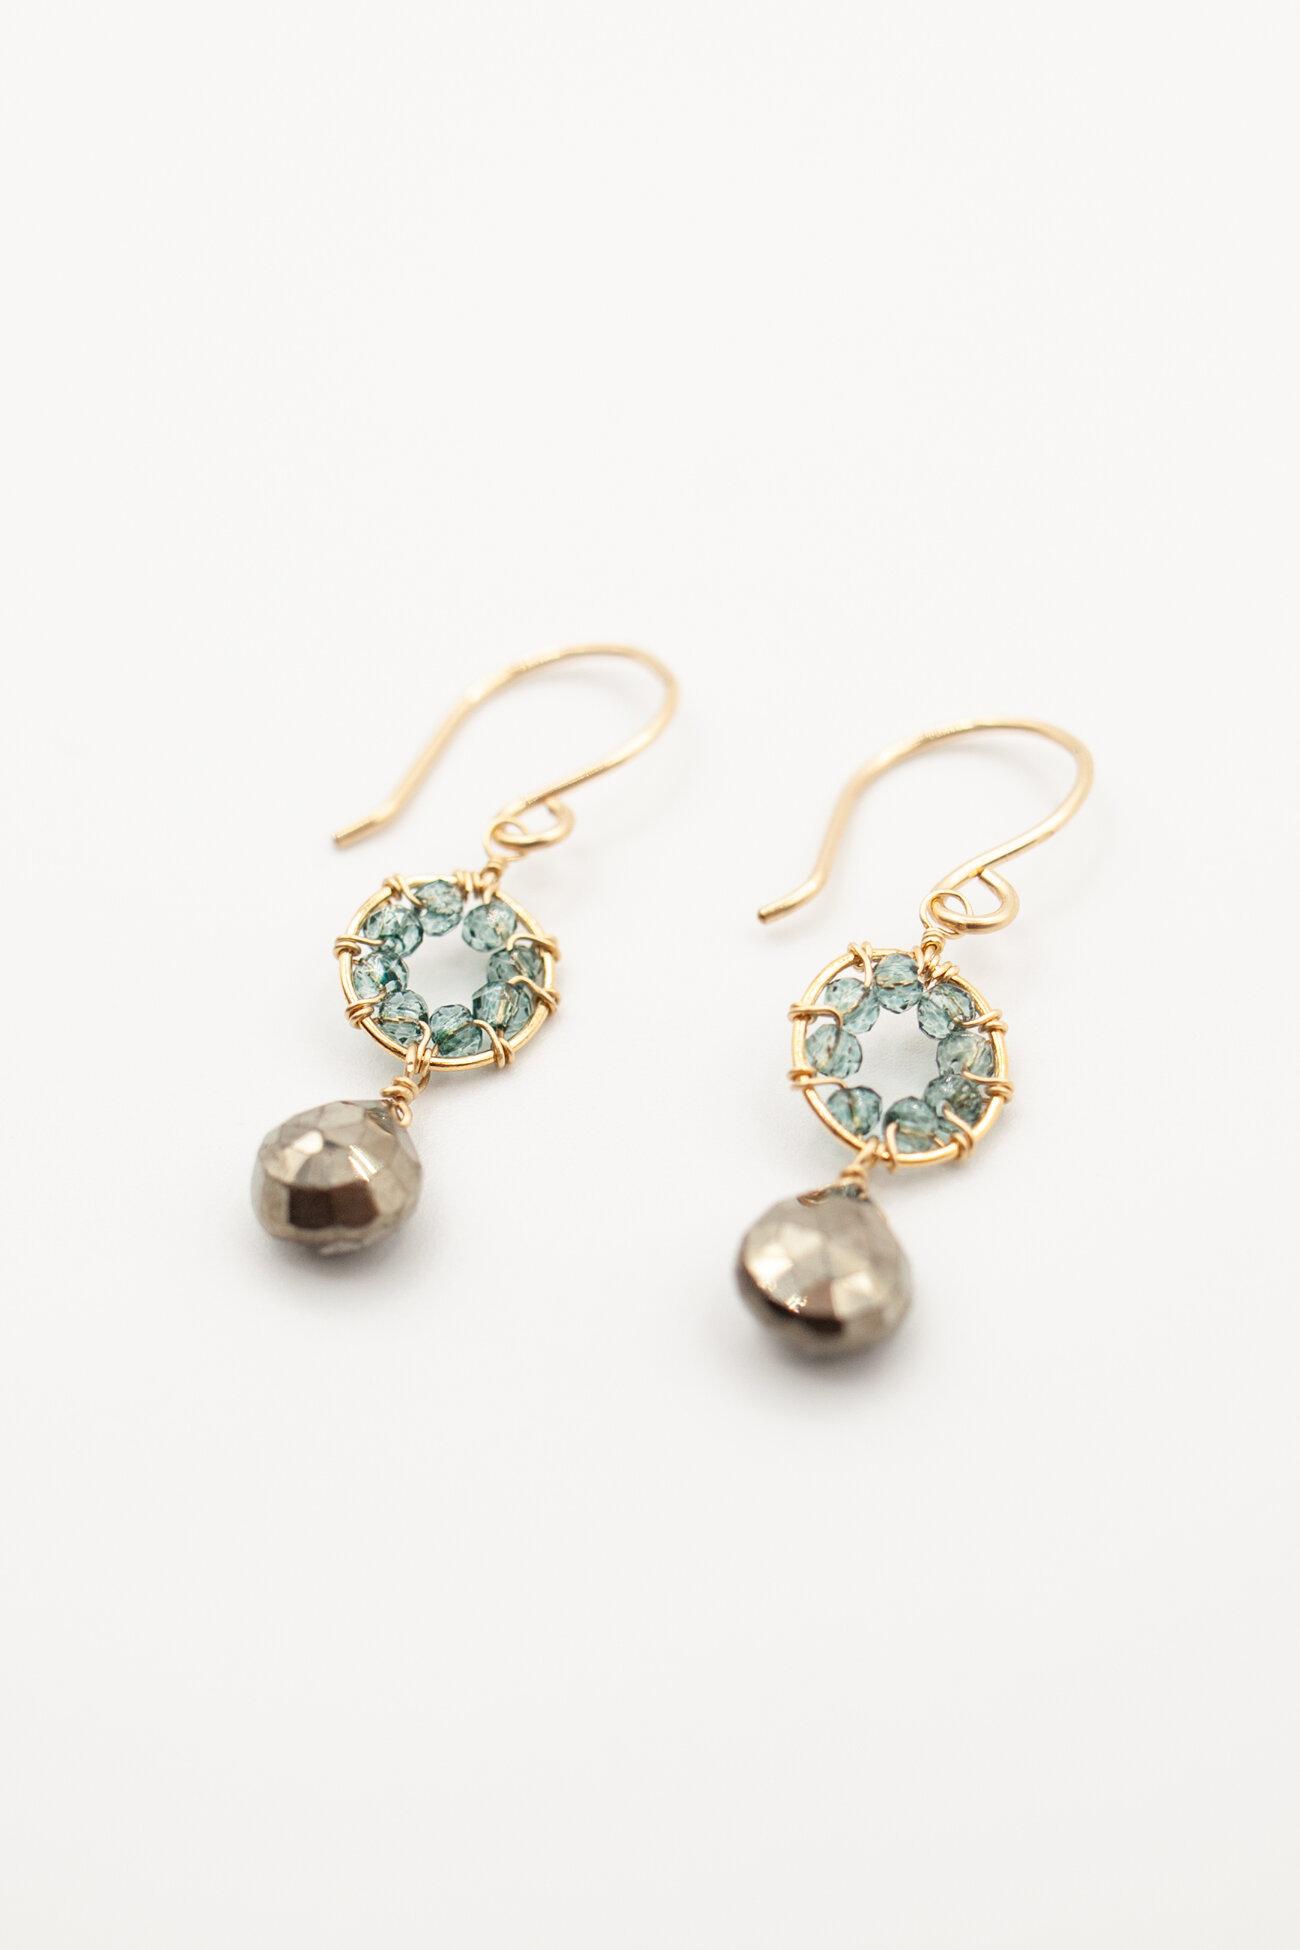 Susan Rifkin Jewelry Design by Avi Loren Fox LLC BLOG-8.jpg